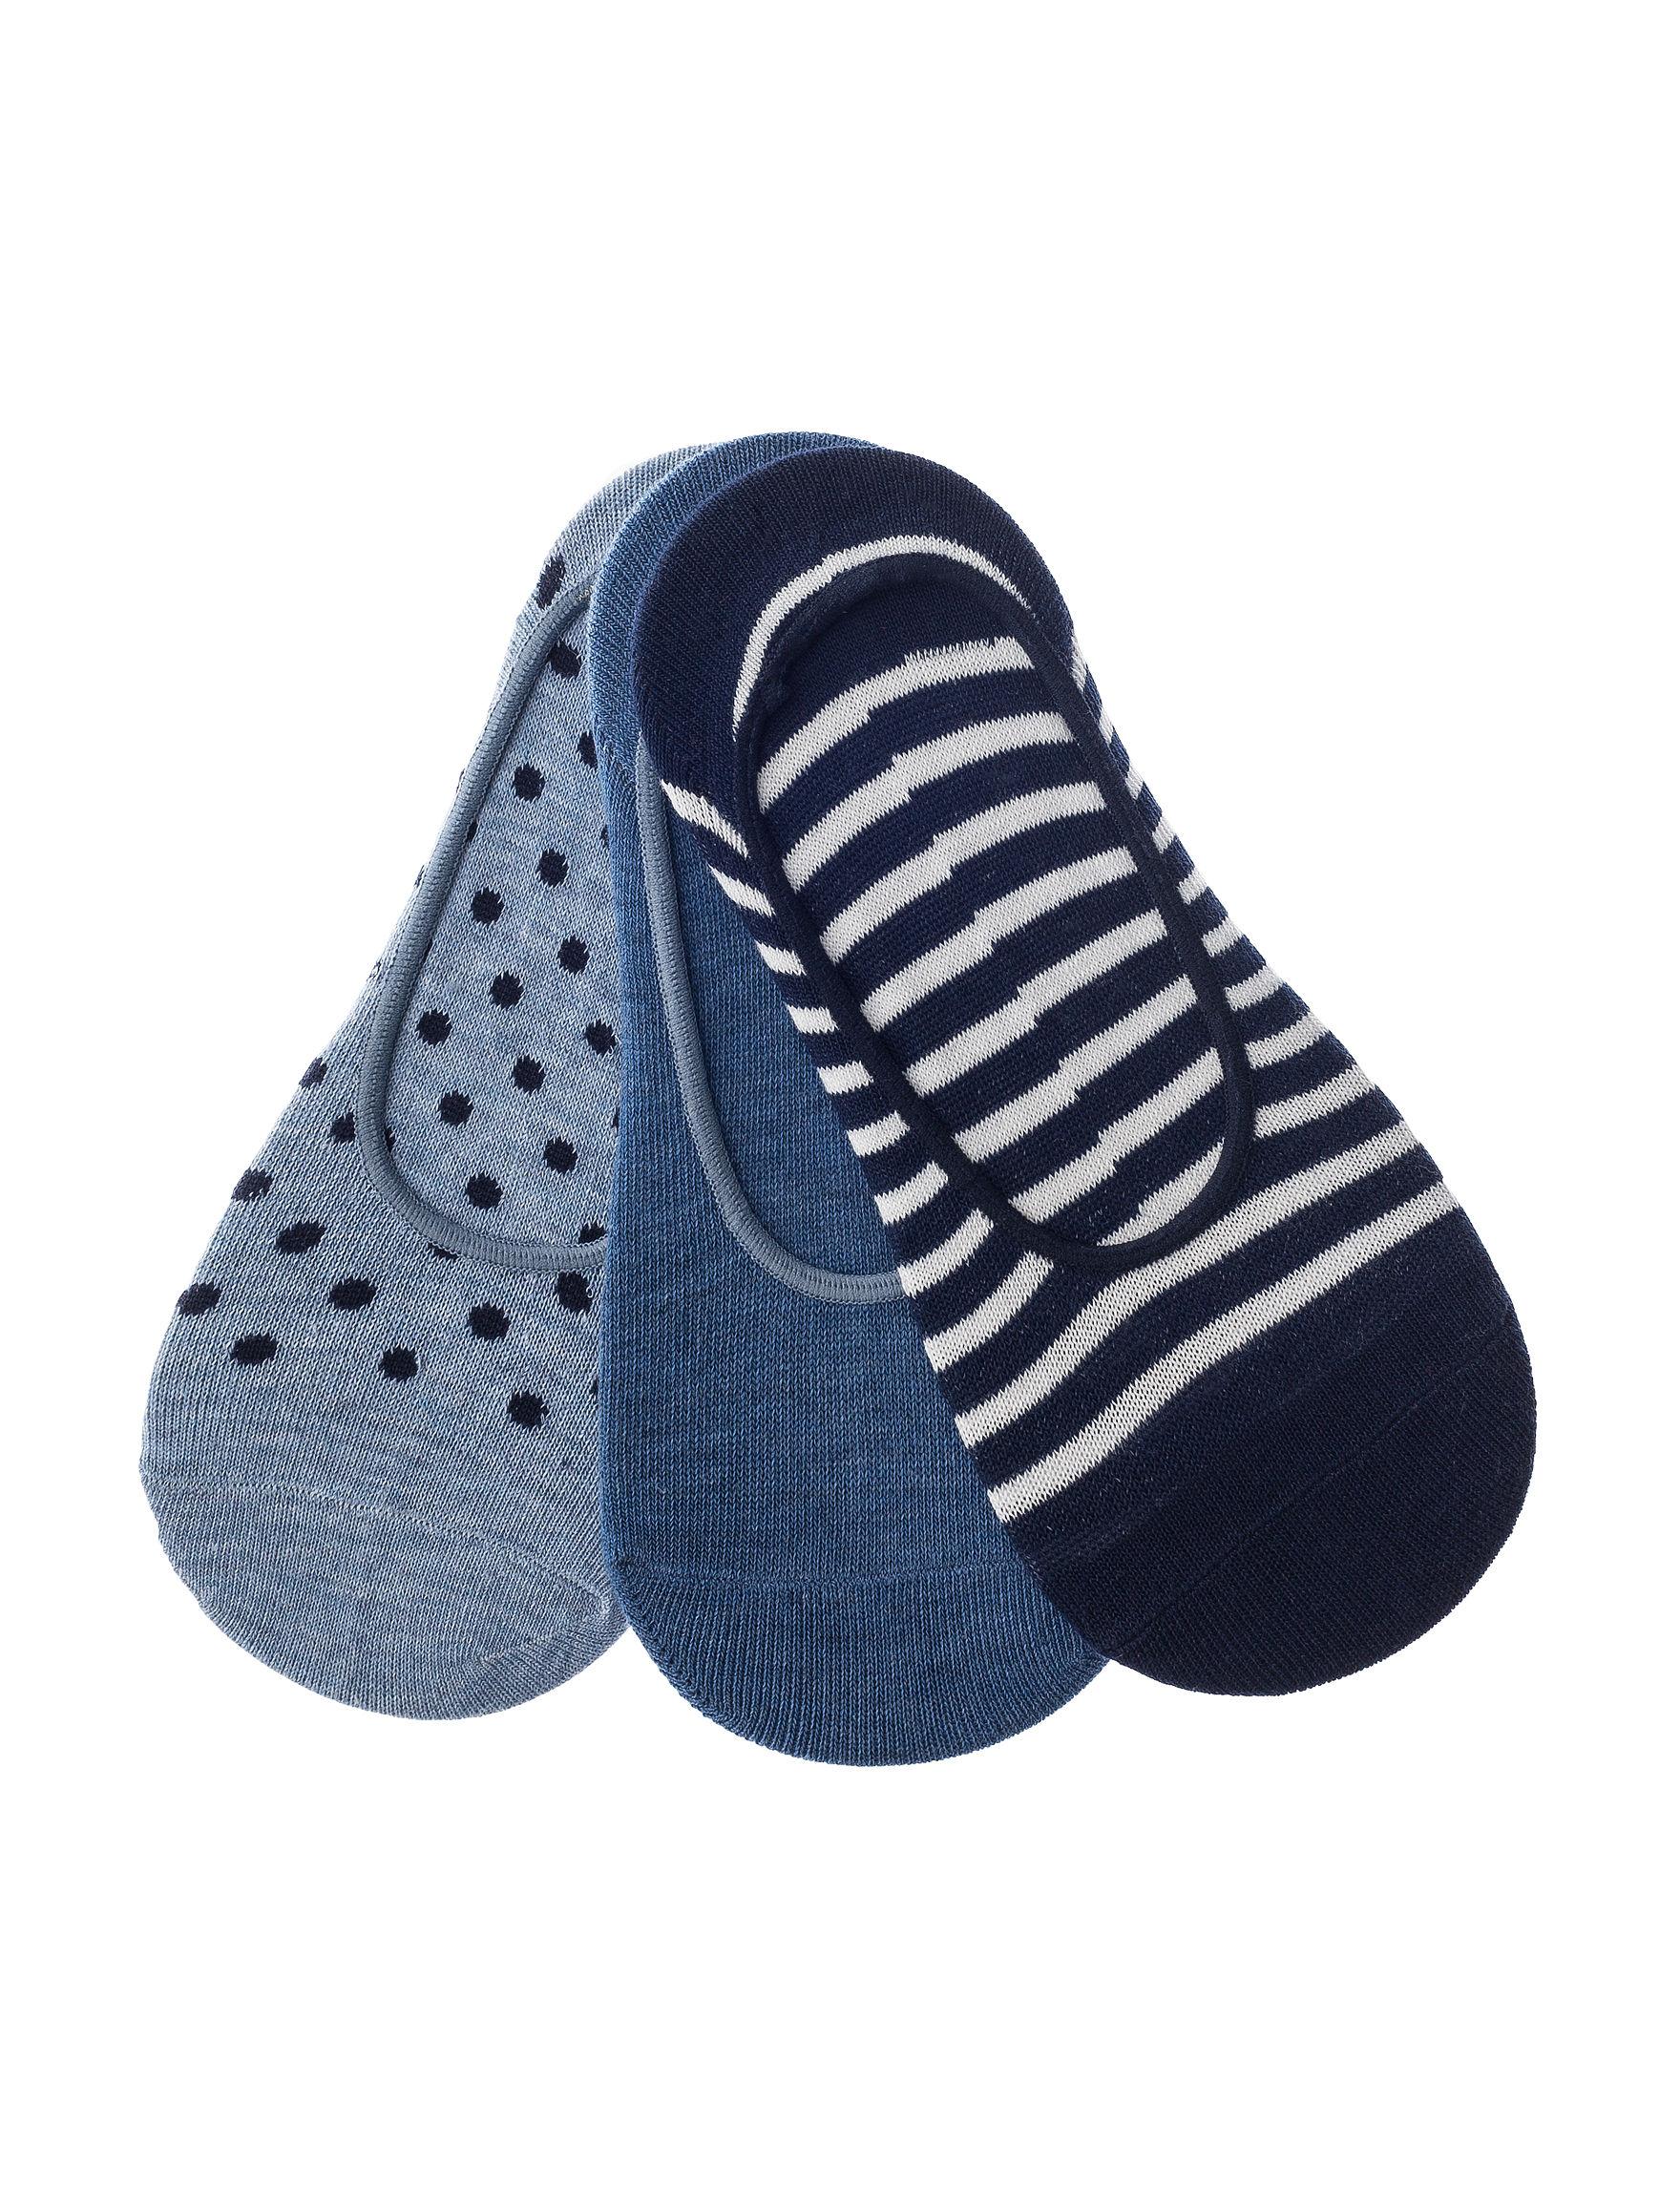 Sox & Co Navy Socks